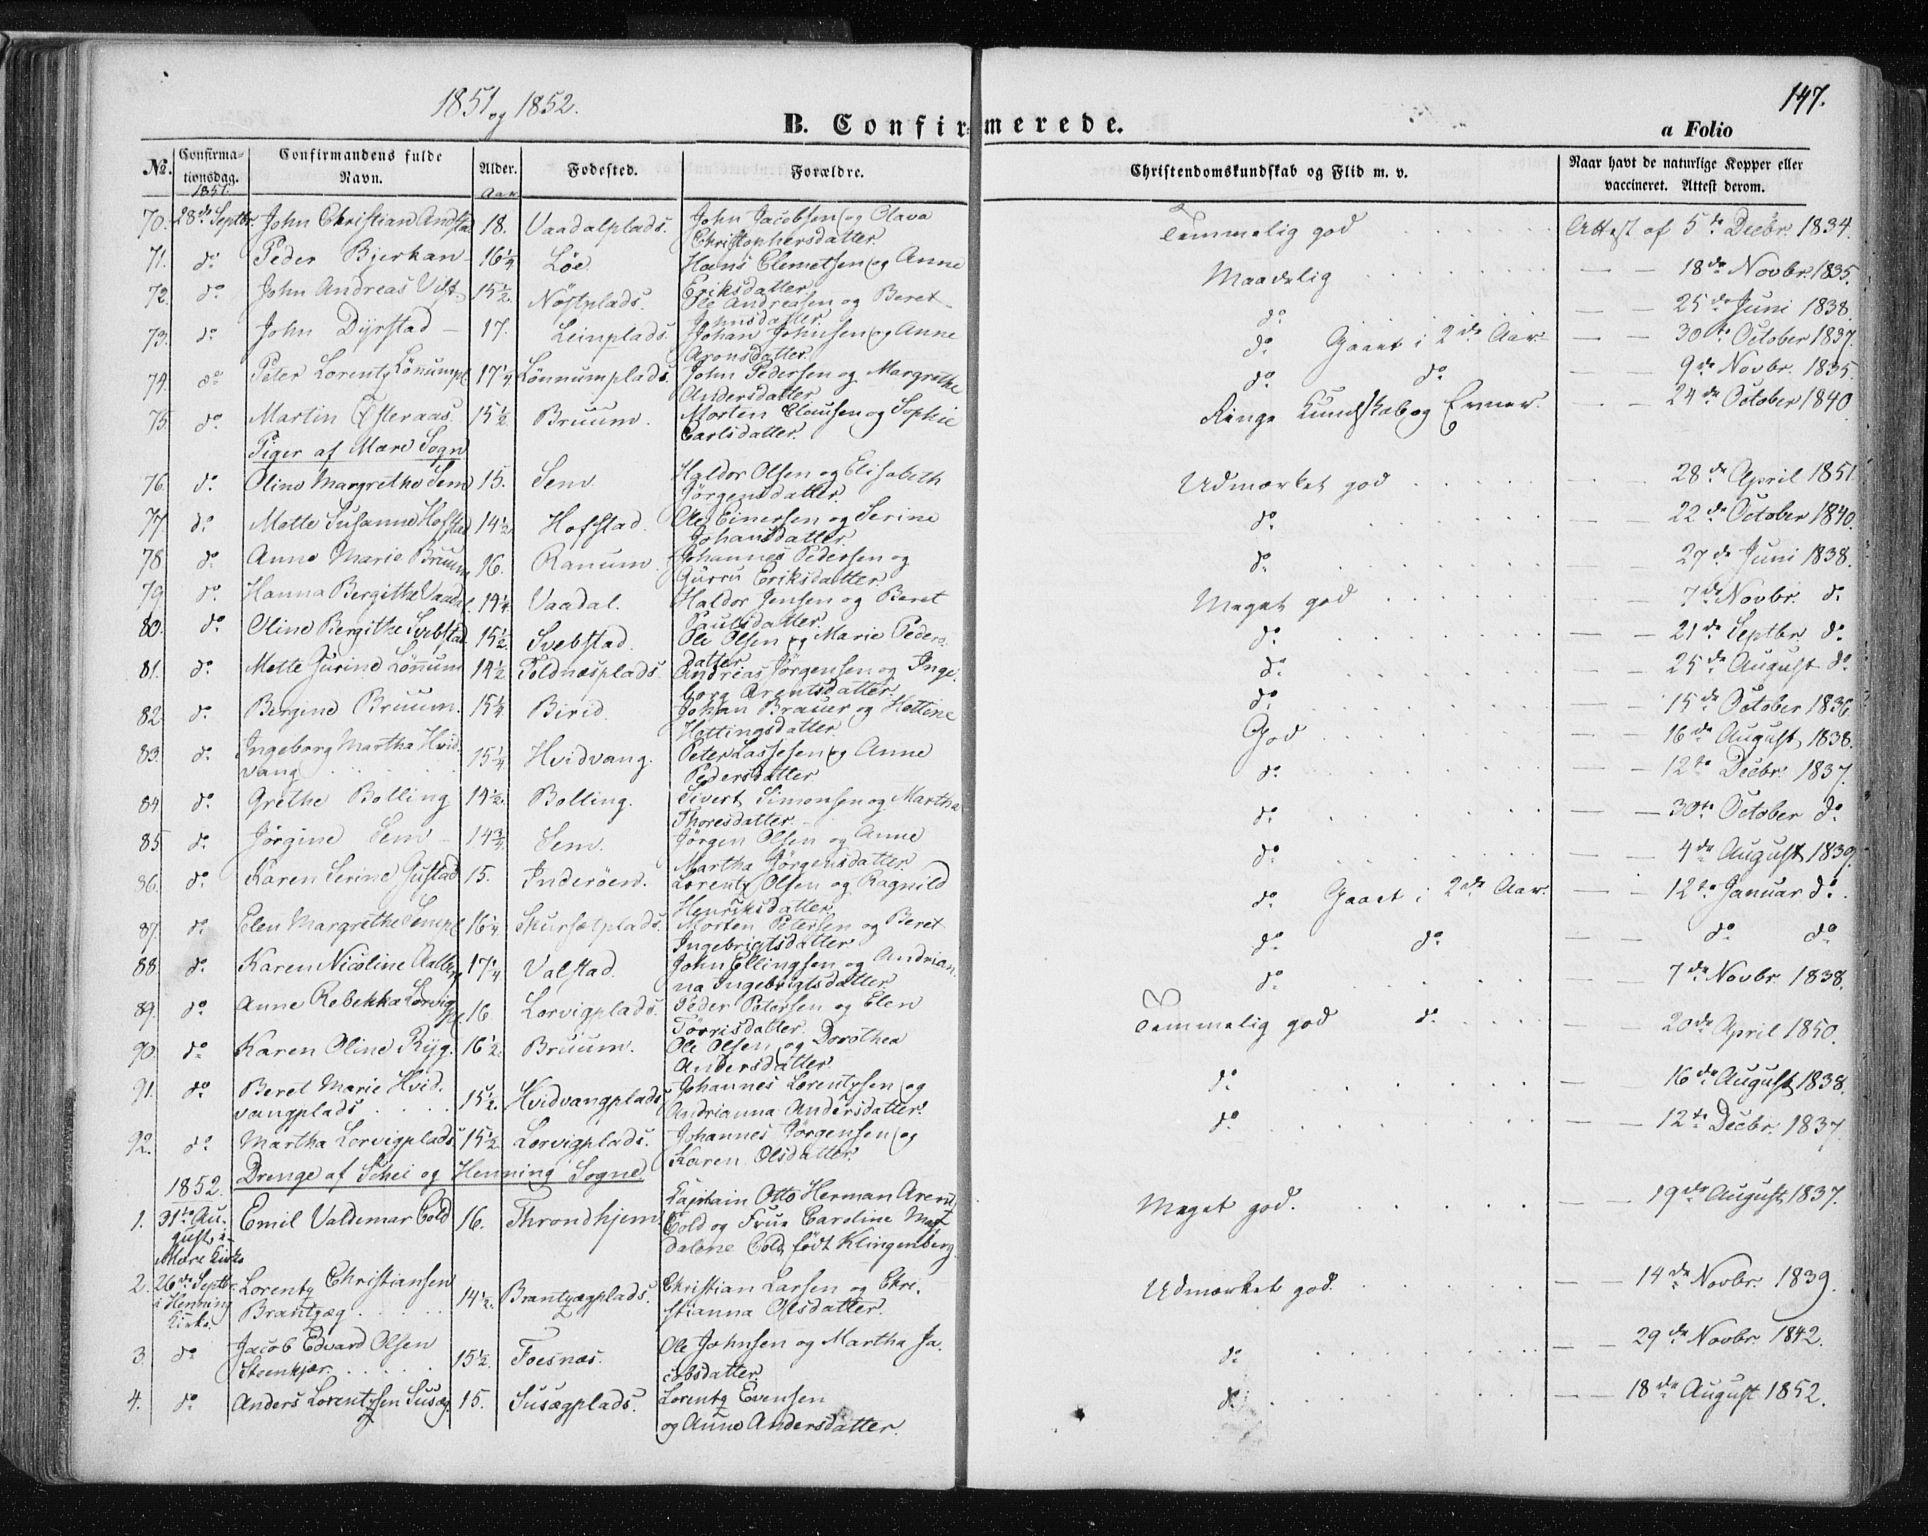 SAT, Ministerialprotokoller, klokkerbøker og fødselsregistre - Nord-Trøndelag, 735/L0342: Ministerialbok nr. 735A07 /1, 1849-1862, s. 147